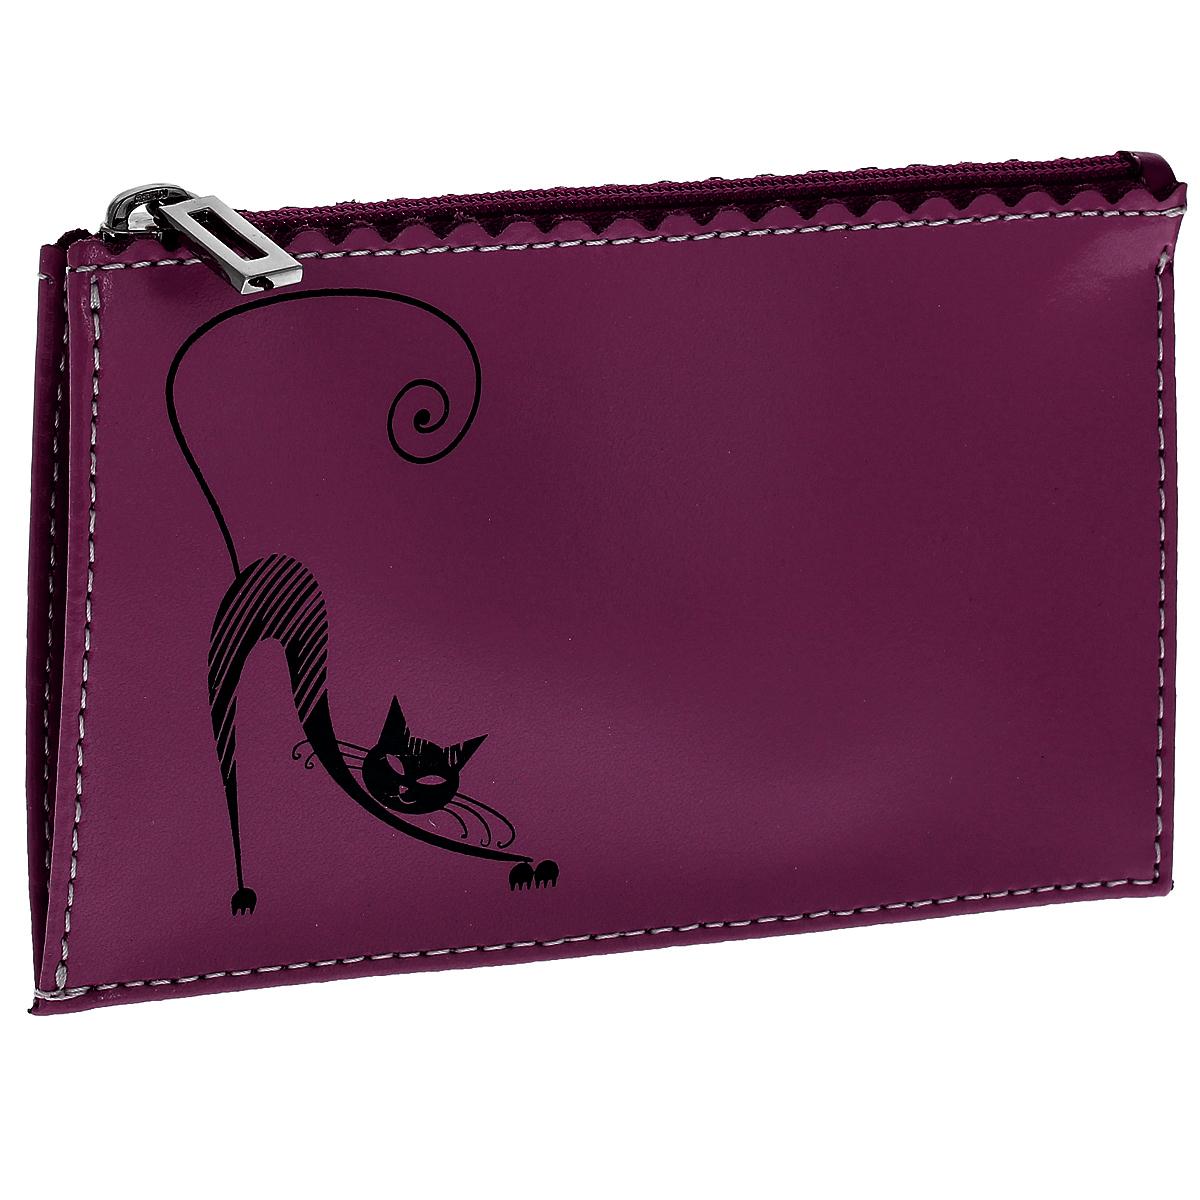 Ключница Befler Изящная кошка, цвет: фиолетовый. KL.24.-1KL.24.-1.violet